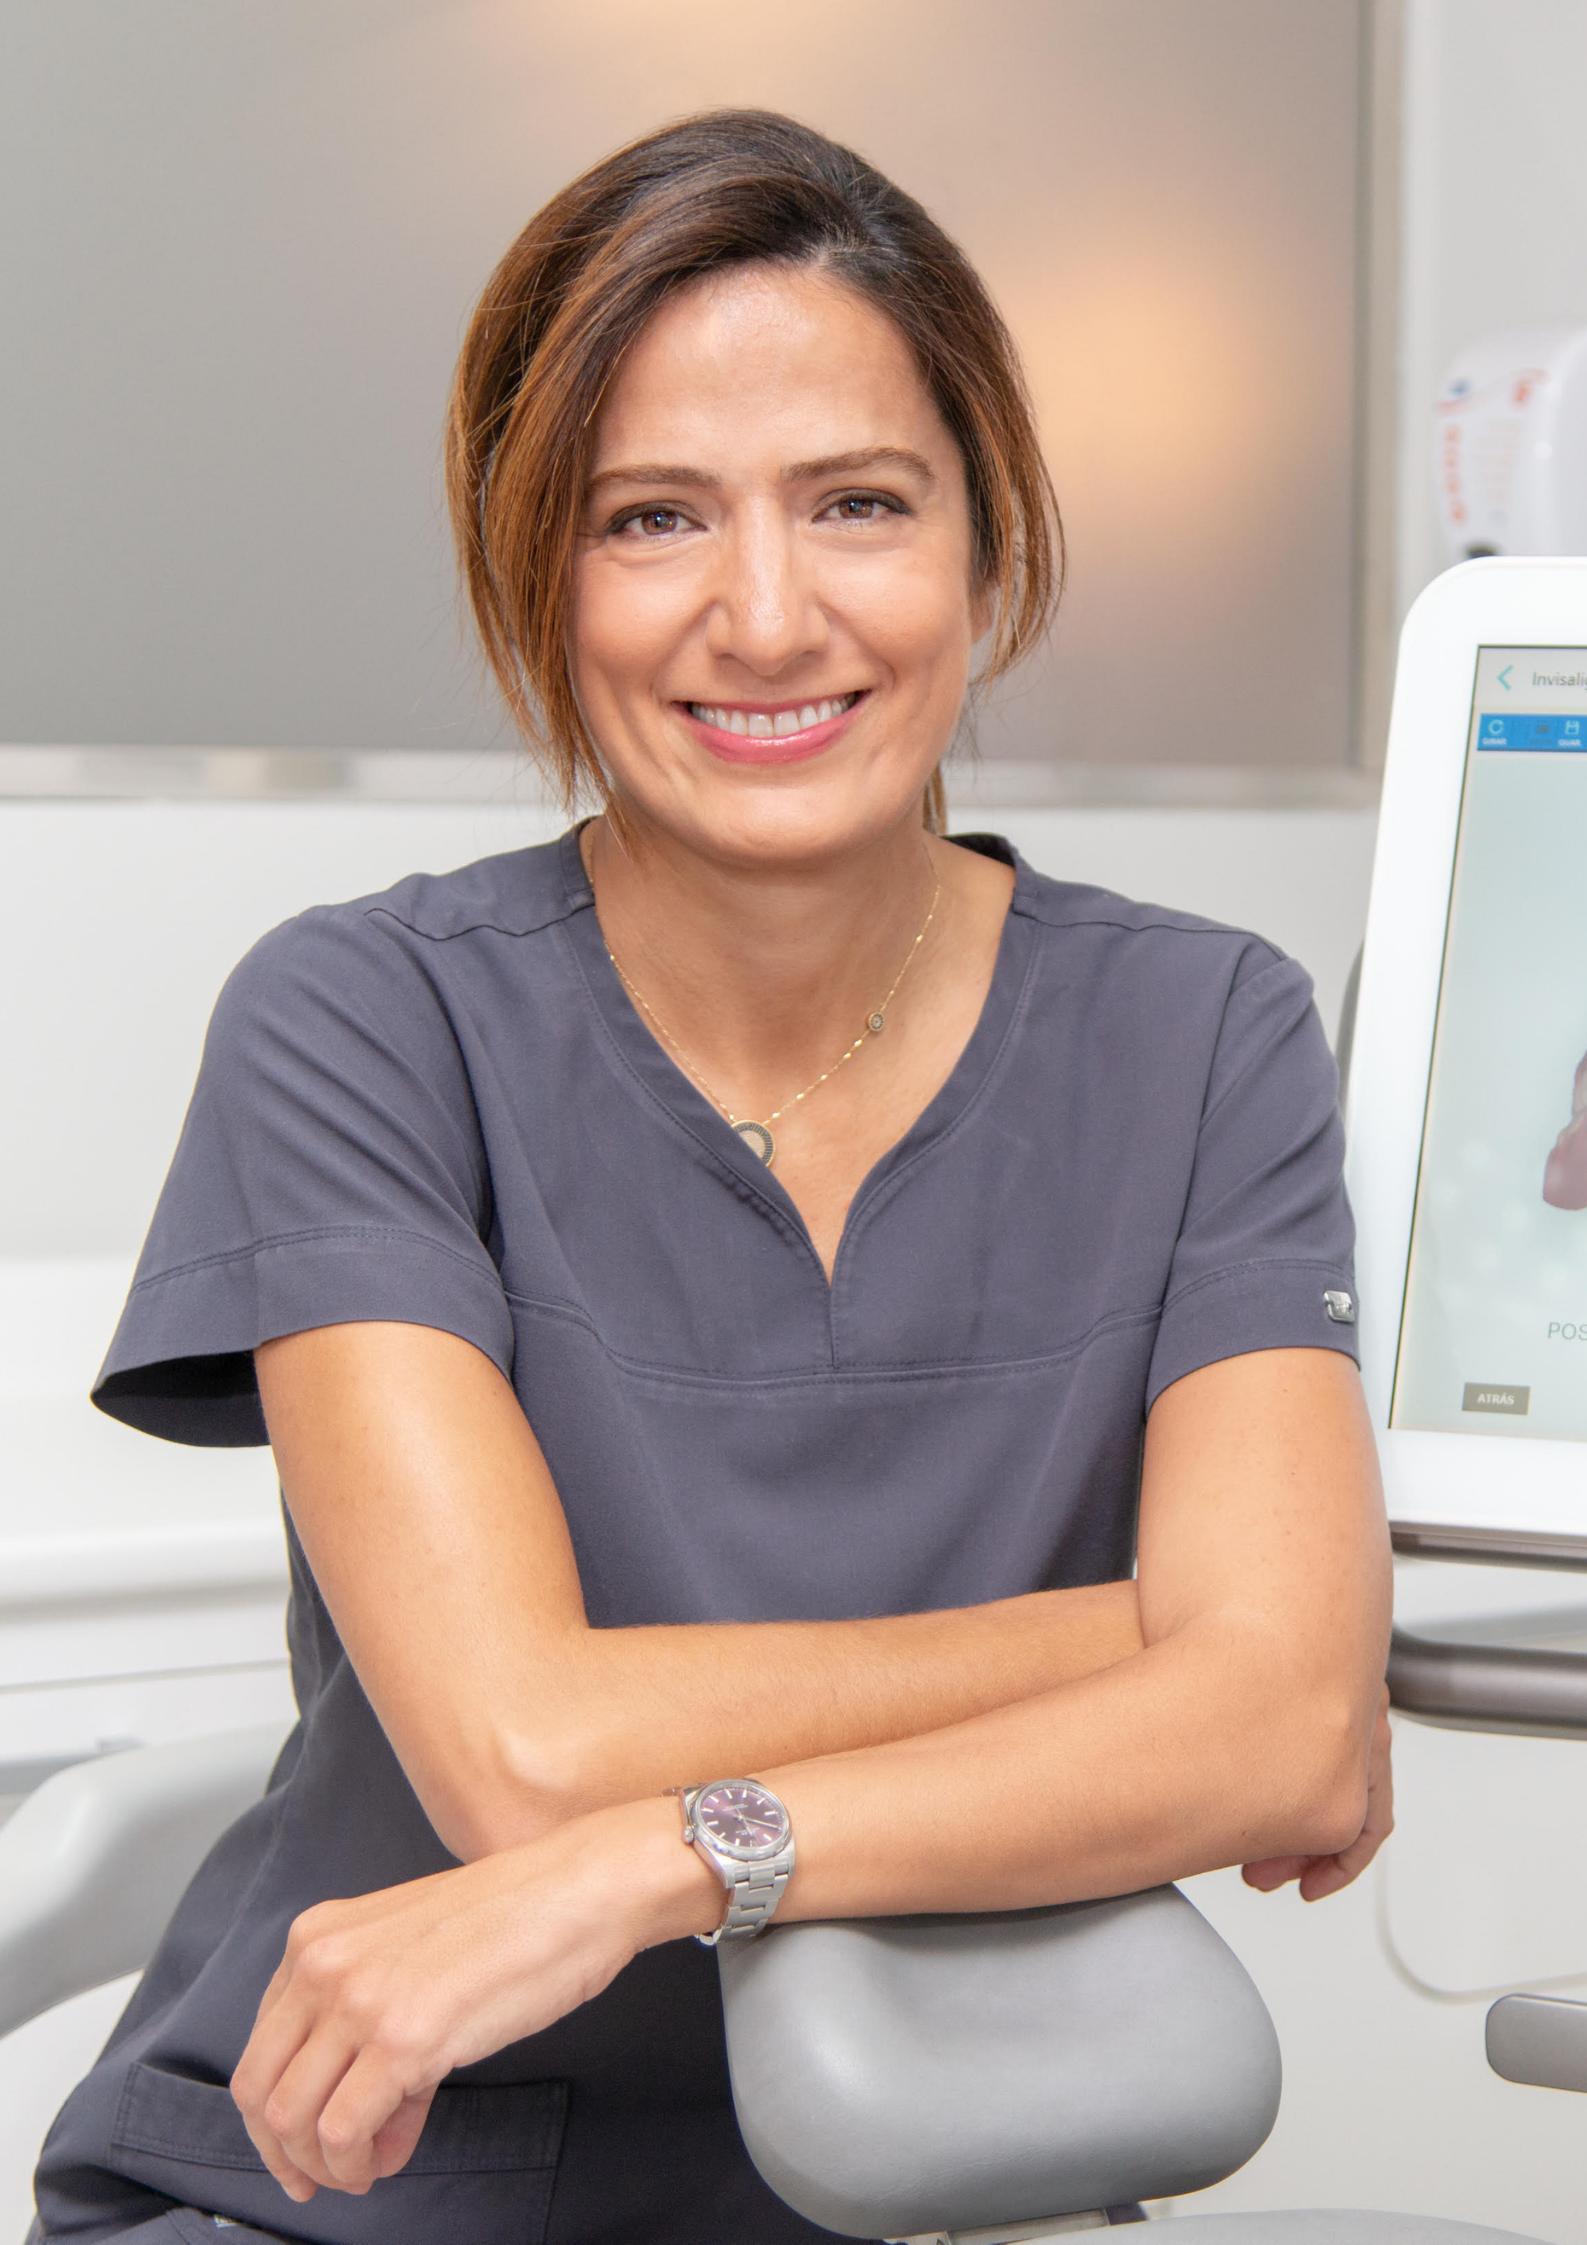 Mahsa Khaghani